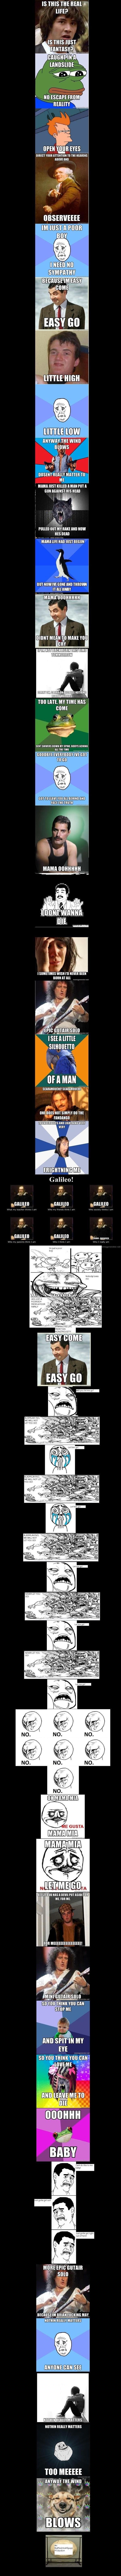 Bohememeian+Rhapsody rage faces meme